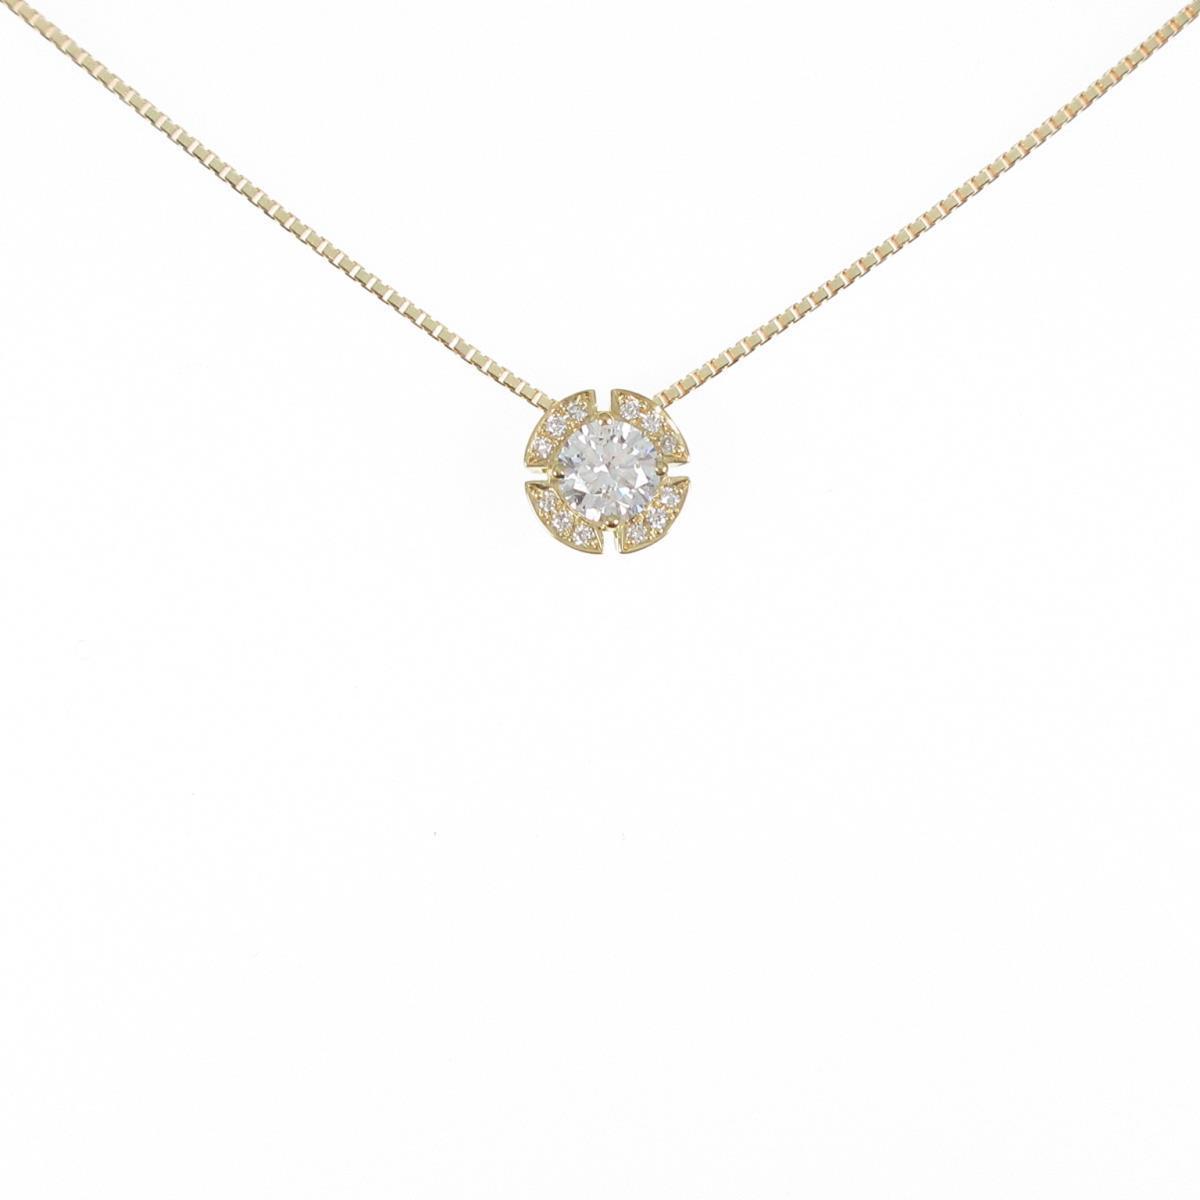 【新品】K18YG ダイヤモンドネックレス 0.252ct・F・SI2・VG【新品】